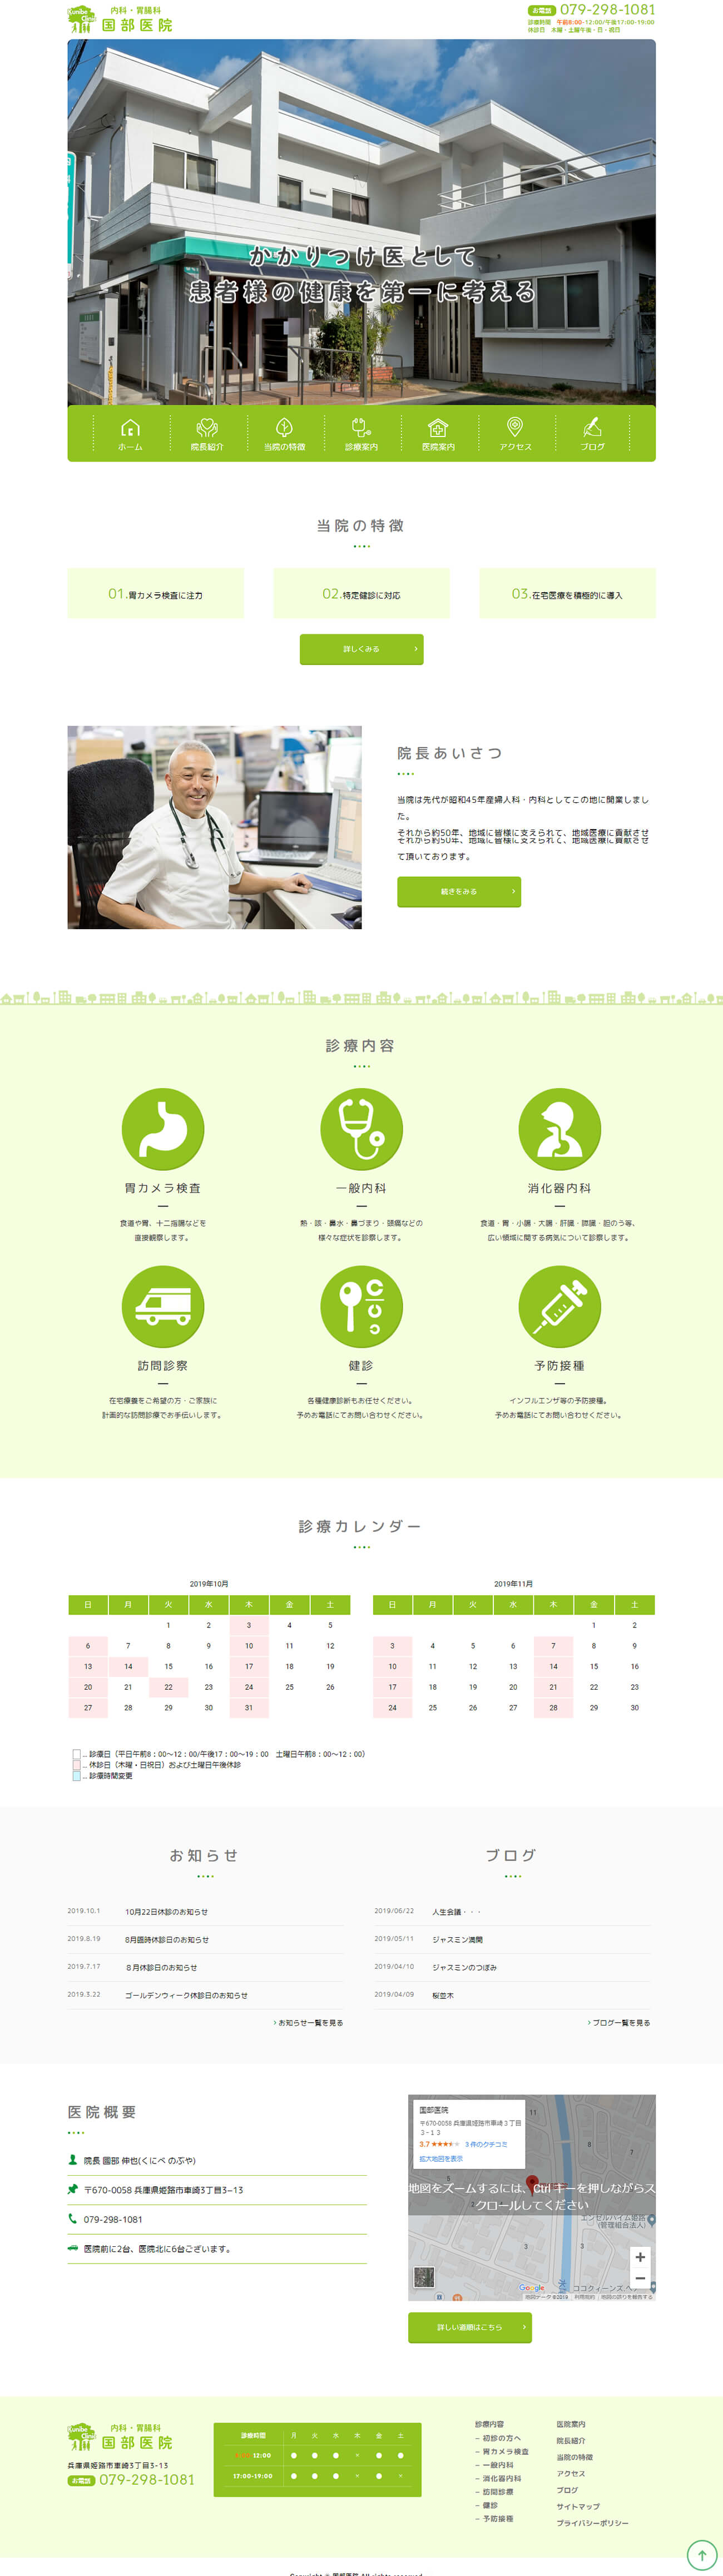 姫路市 国部医院 ホームページ制作1